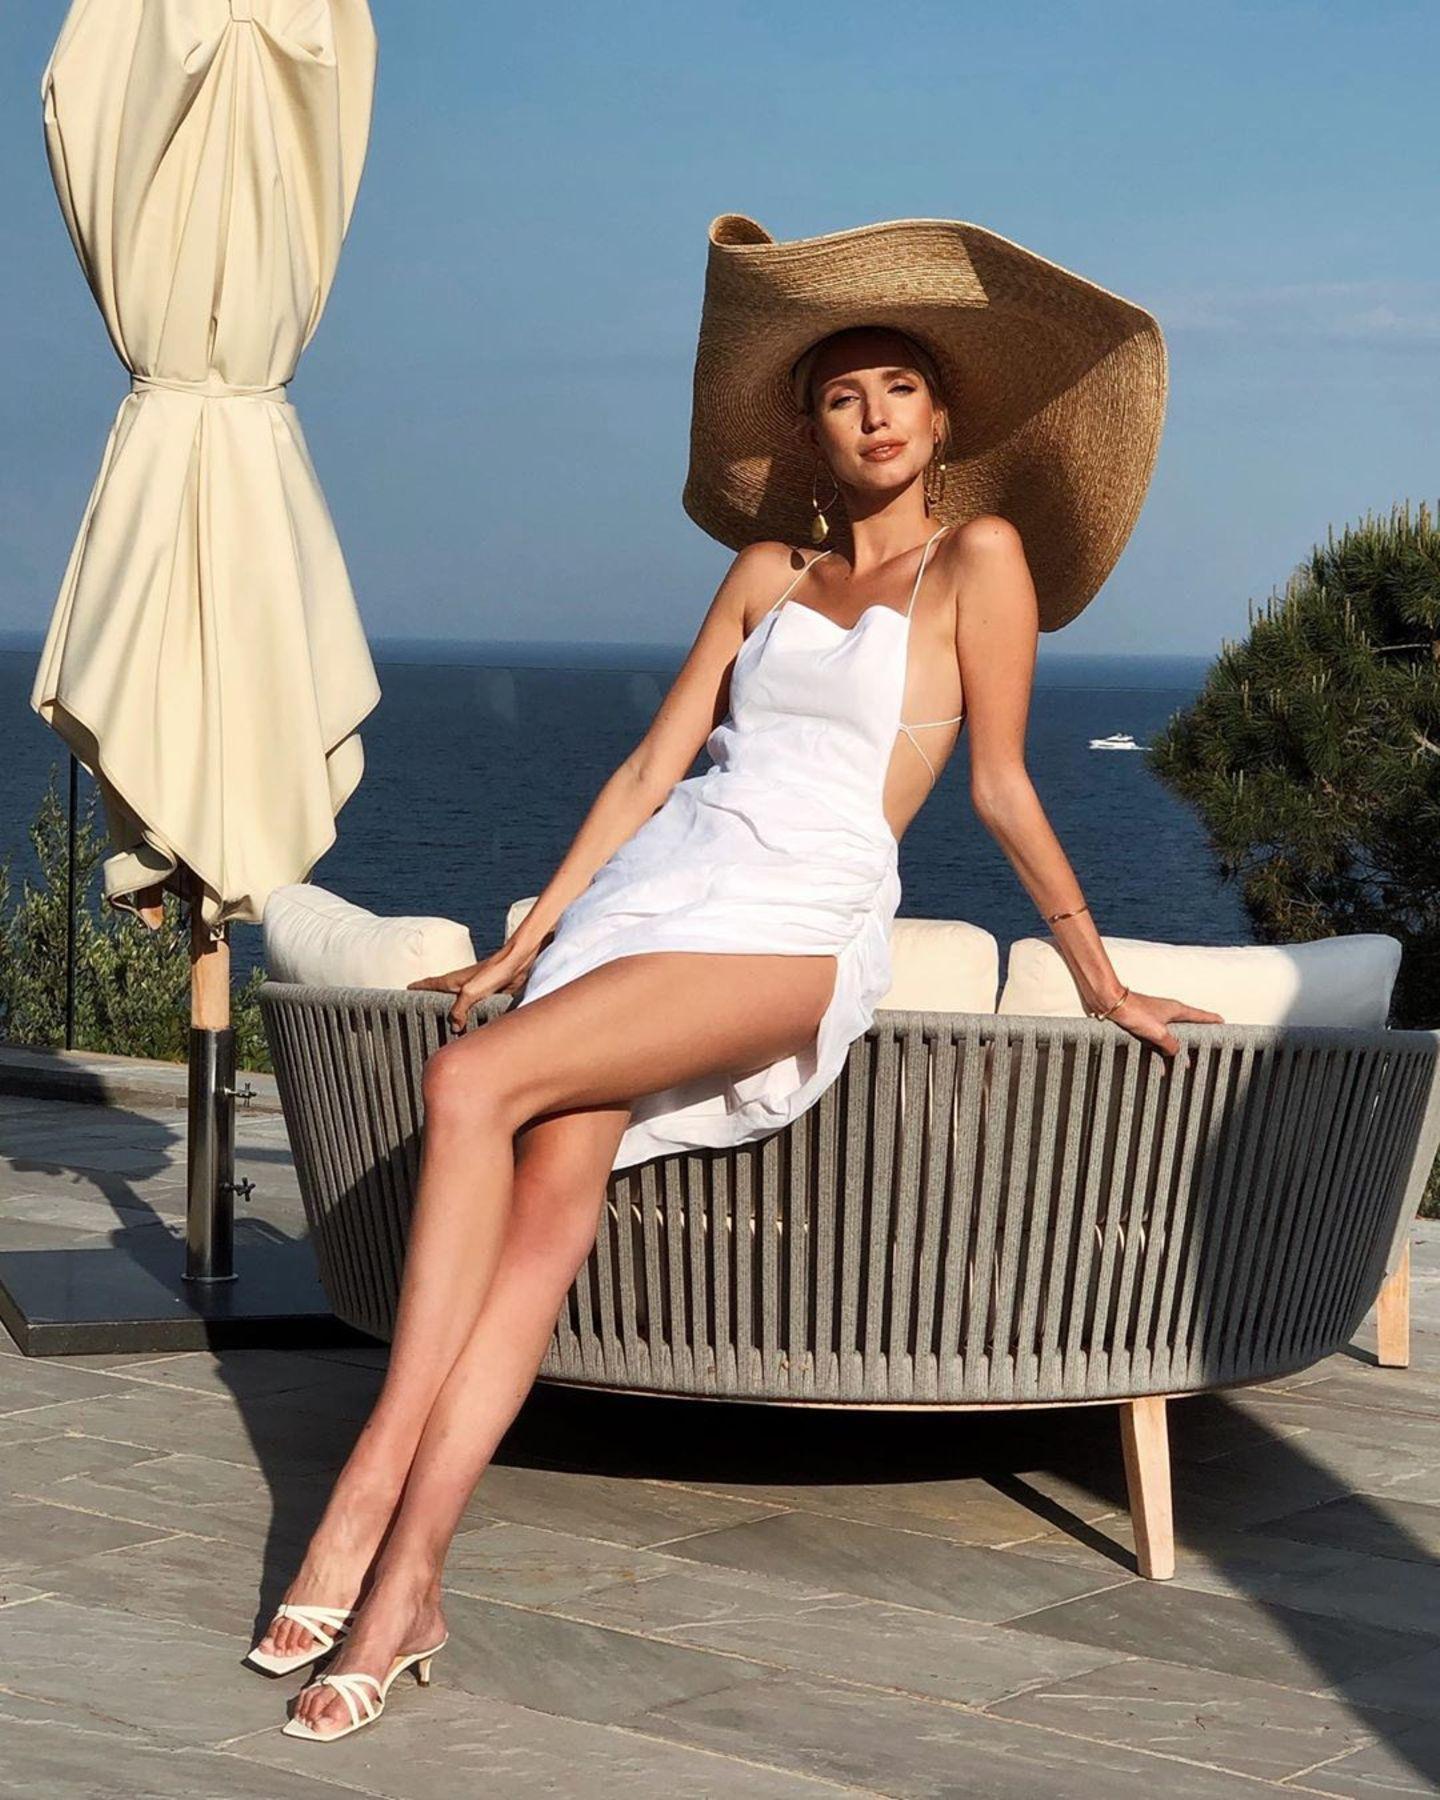 Auf sonnengebräunter Haut schmeichelt das Designerstück auch Influencerin Leonie Hanne. Kostenpunkt des It-Pieces: rund 1.300 Euro